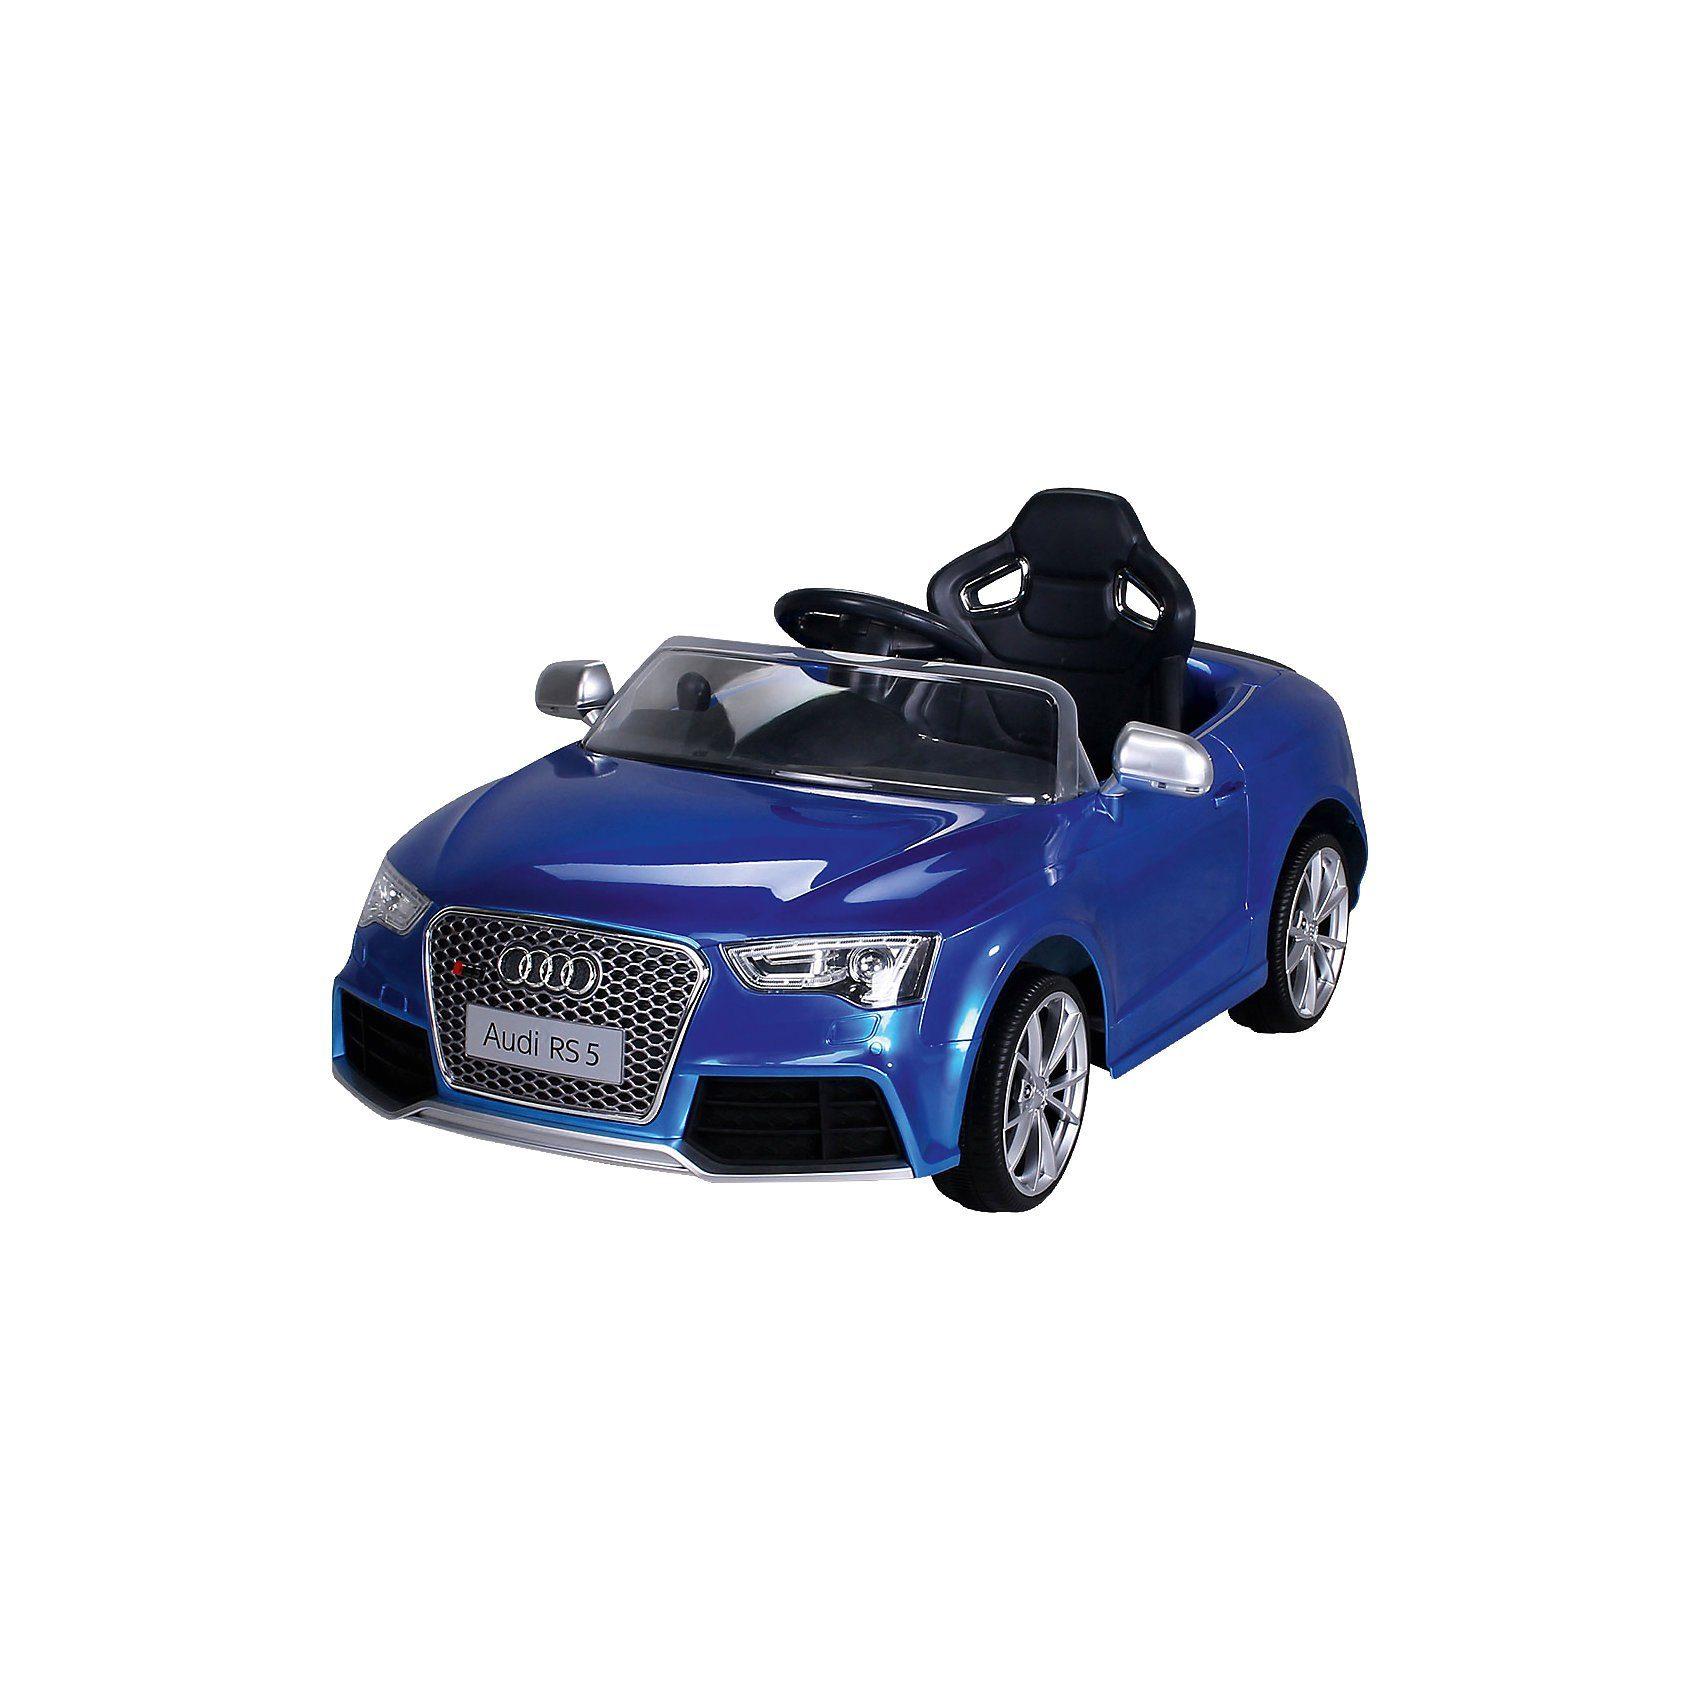 Kinder Elektroauto Audi RS5 Lizenziert, blau